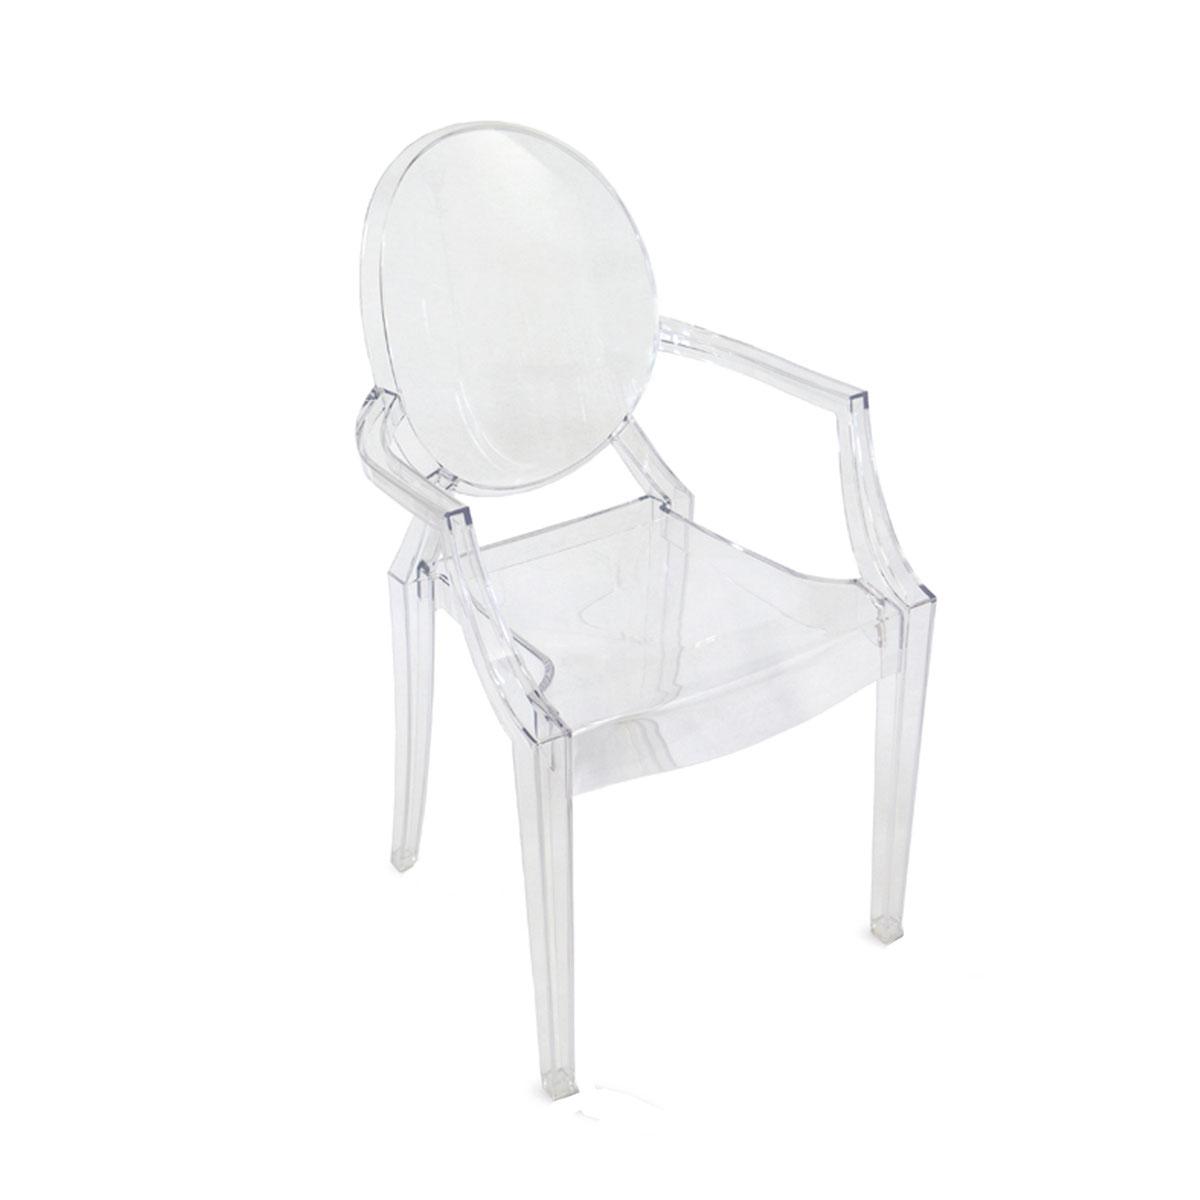 Fauteuil Louis Ghost De Philippe Starck fauteuil louis ghost – fonction meuble